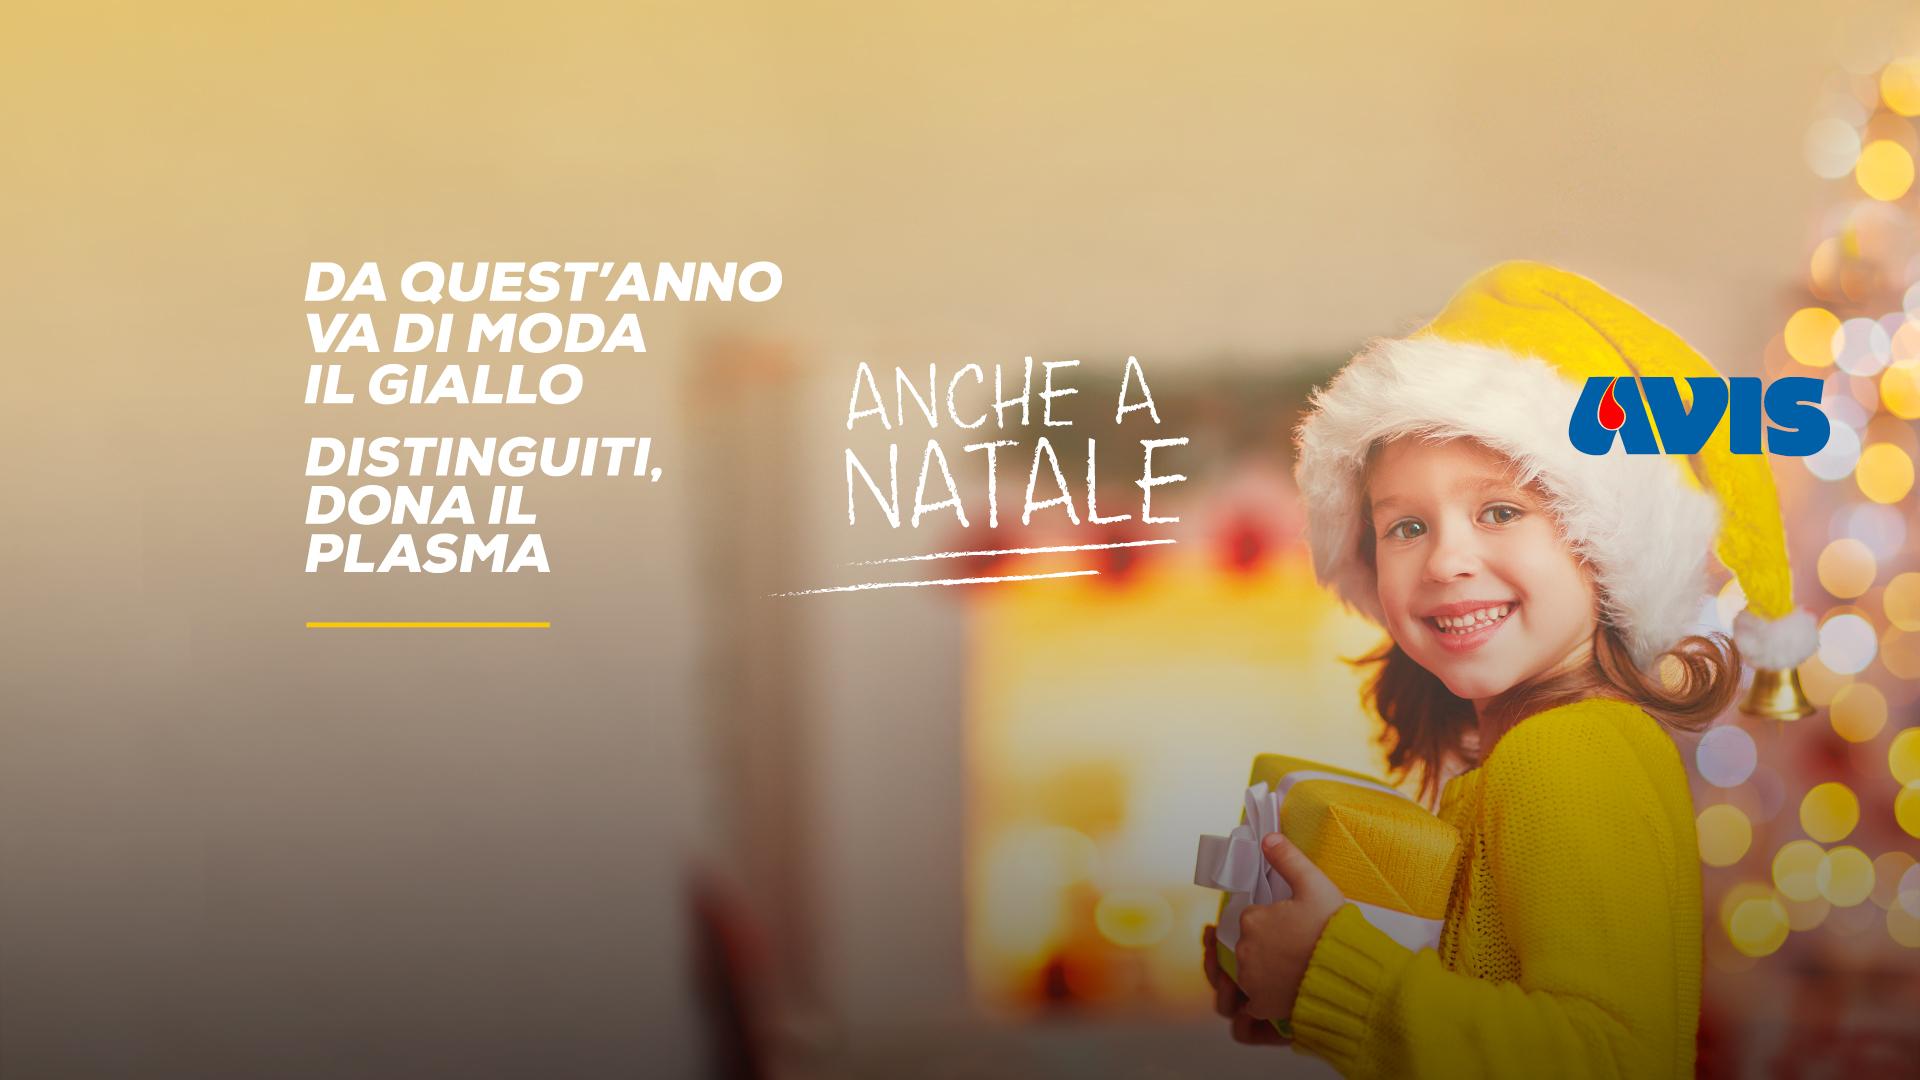 http://www.avisbarletta.it/wp-content/uploads/2018/12/Avis-plasma_facebook-cover-group_Natale.jpg